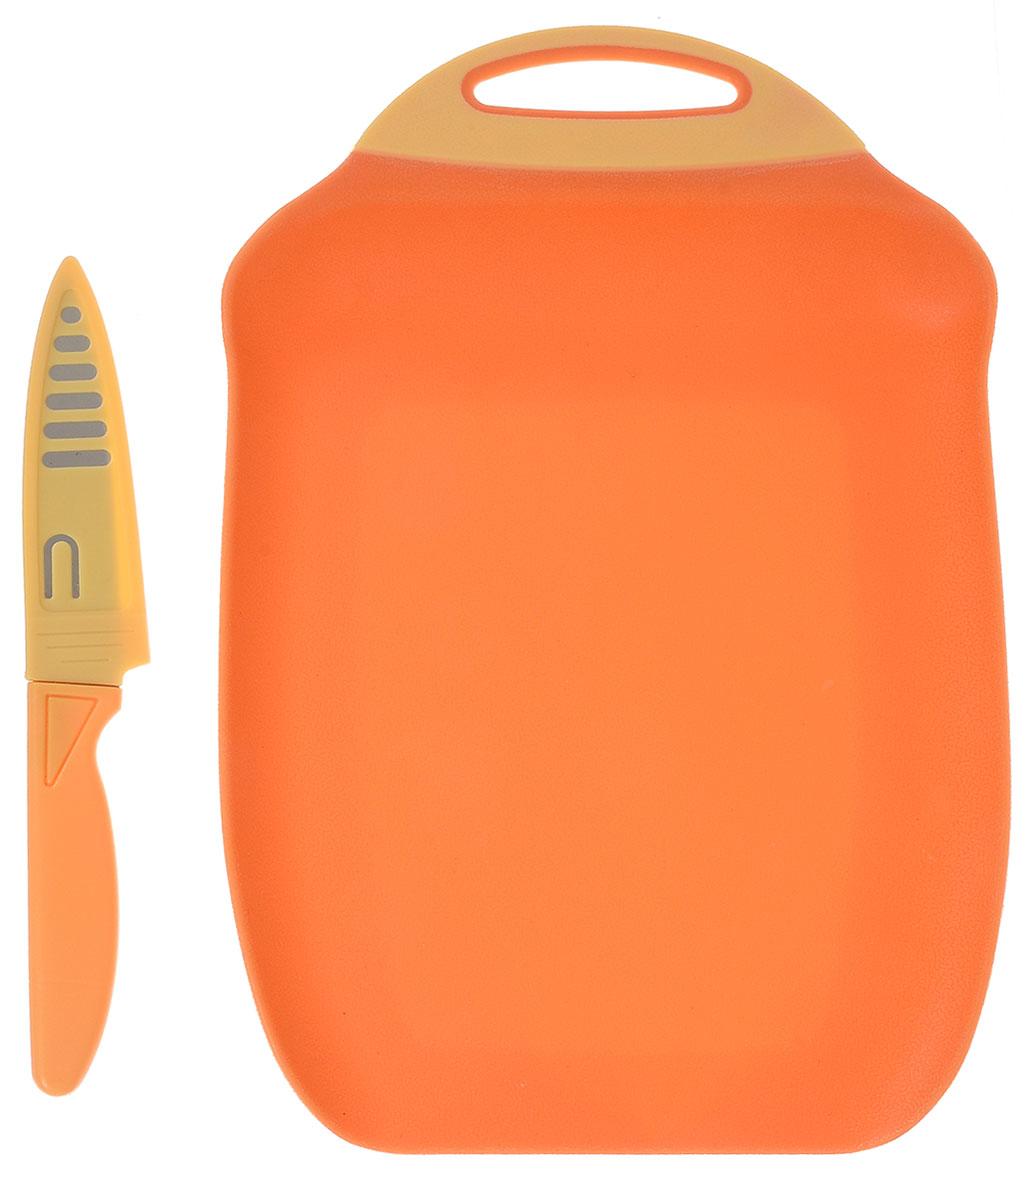 Доска разделочная Menu Ланч, с ножом, цвет: оранжевый, 27 х 18 см54 009312Разделочная доска Menu Ланч изготовлена из высококачественного пищевого пластика и предназначена для разделывания рыбы, мяса, нарезки овощей, фруктов, колбас, сыра и хлеба. Поверхность доски не тупит лезвия ножей и не впитывает запахи продуктов. В конструкции доски предусмотрены специальные небольшие бортики, которые предотвратят случайное ссыпание продуктов. Для удобства хранения доска имеет отверстие для подвешивания. В комплекте имеется нож из нержавеющей стали с защитным чехлом. Эргономичная пластиковая рукоятка не позволяет ножу выскальзывать из рук. Любая хозяйка оценит функциональность данного набора. Мыть только вручную. Размер разделочной доски: 27 х 18 см.Длина ножа: 19 см.Длина лезвия ножа: 10 см.